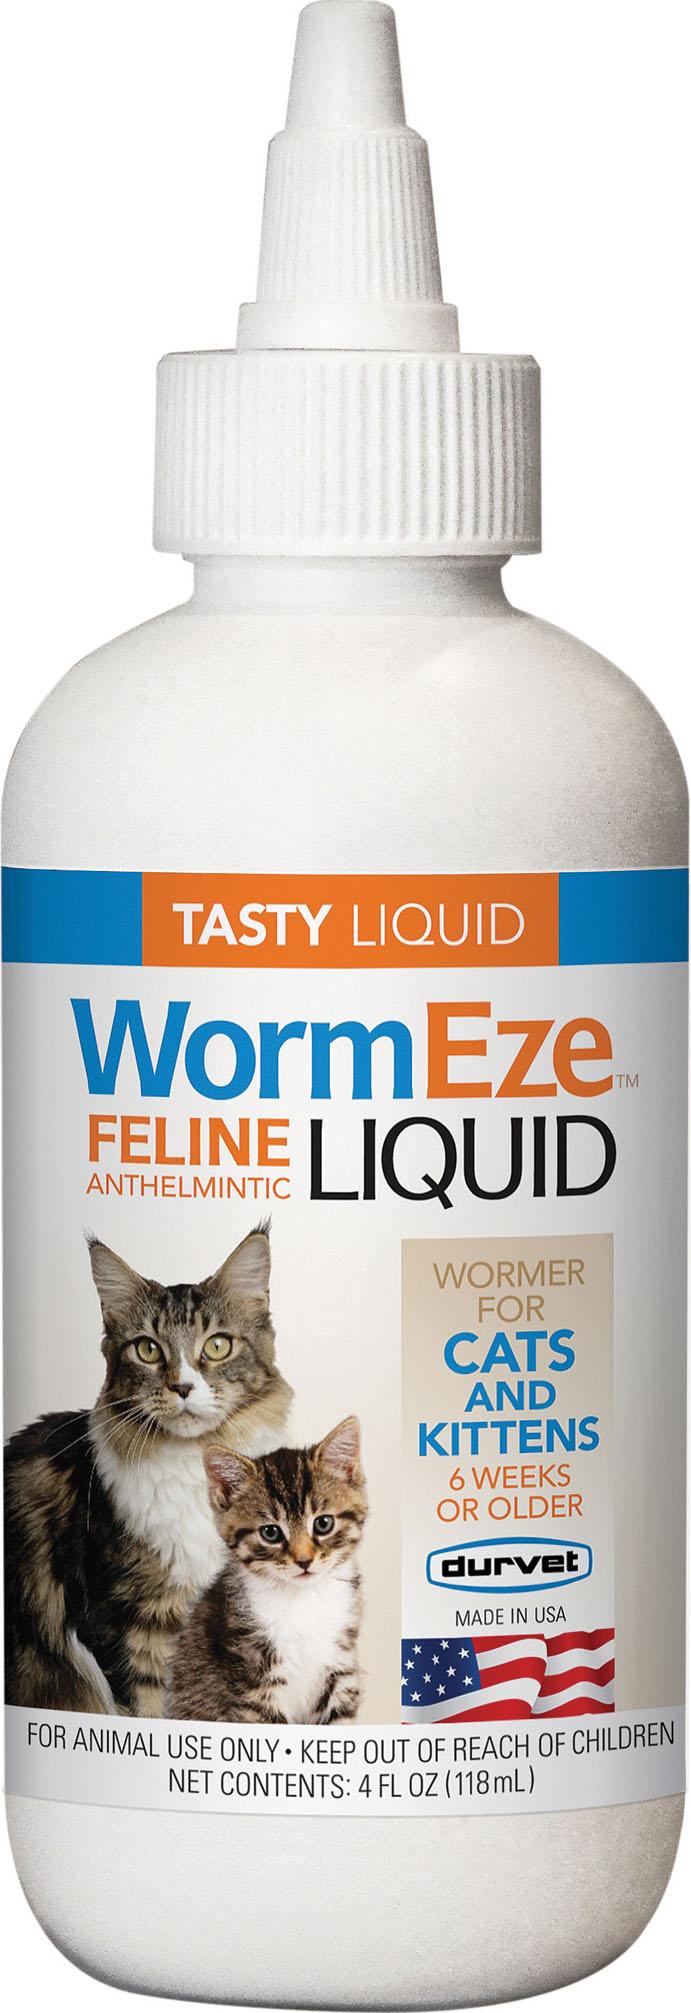 Durvet-Pet D-Wormeze Feline Anthelmintic Liquid 4 Ounce ...